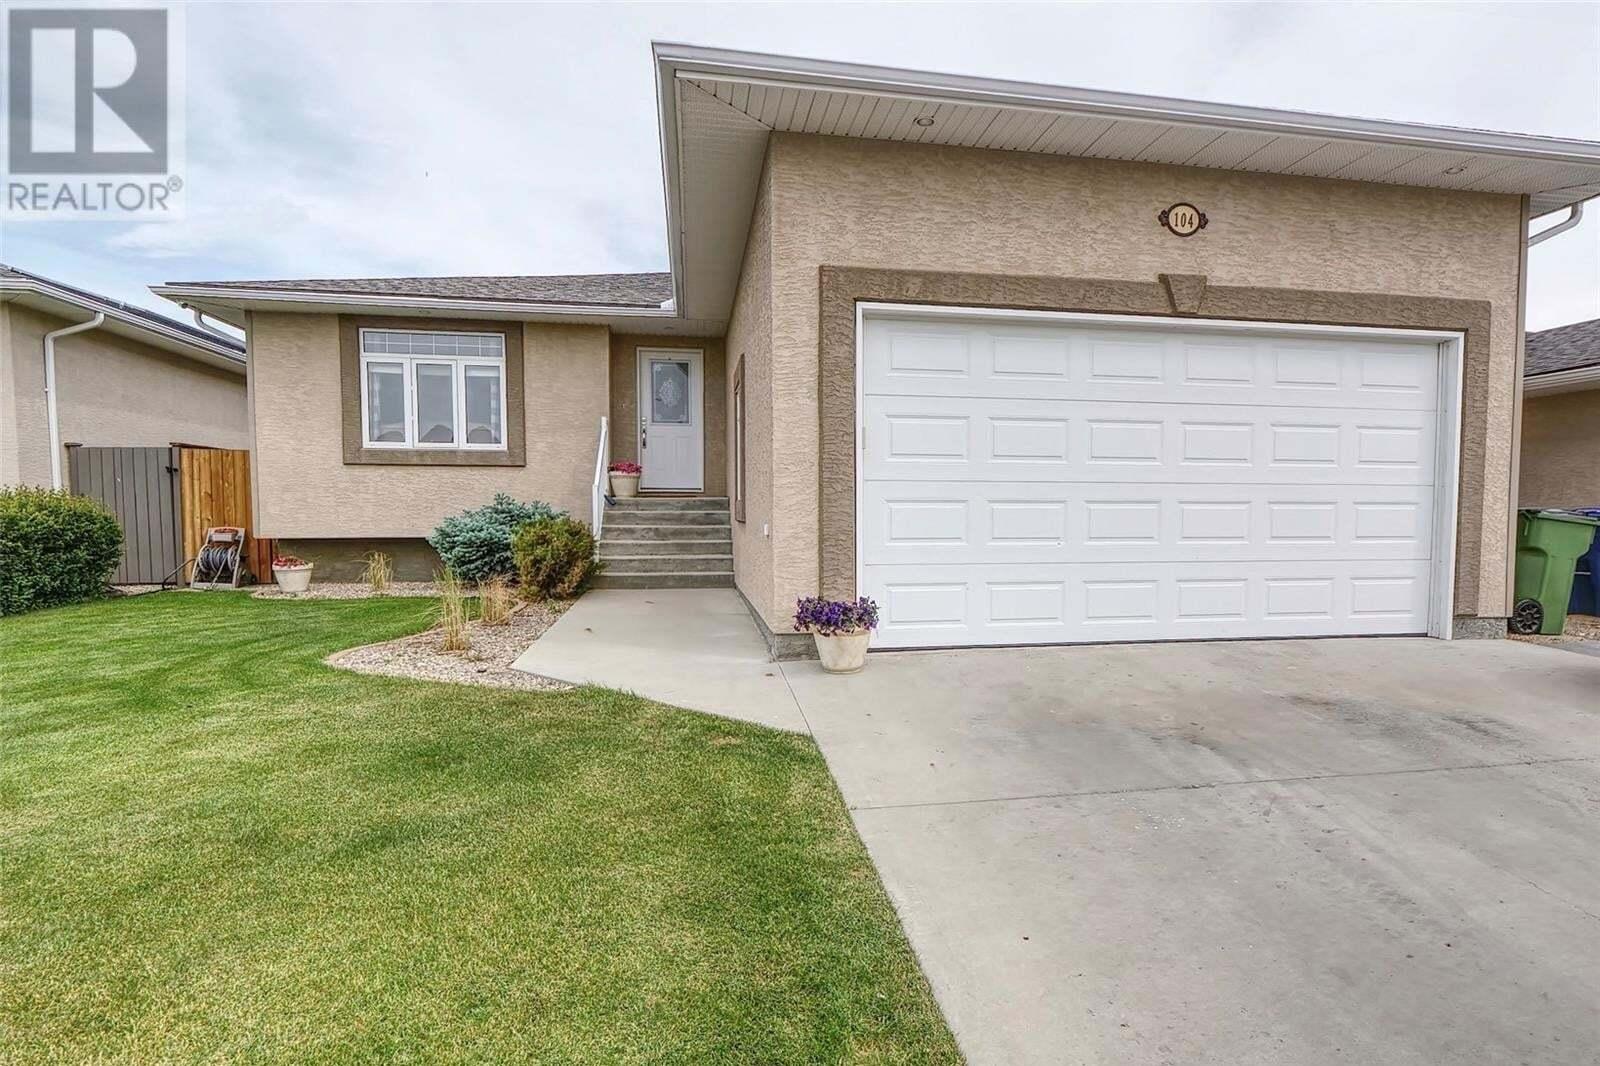 House for sale at 104 Goldenglow Dr Moose Jaw Saskatchewan - MLS: SK811495